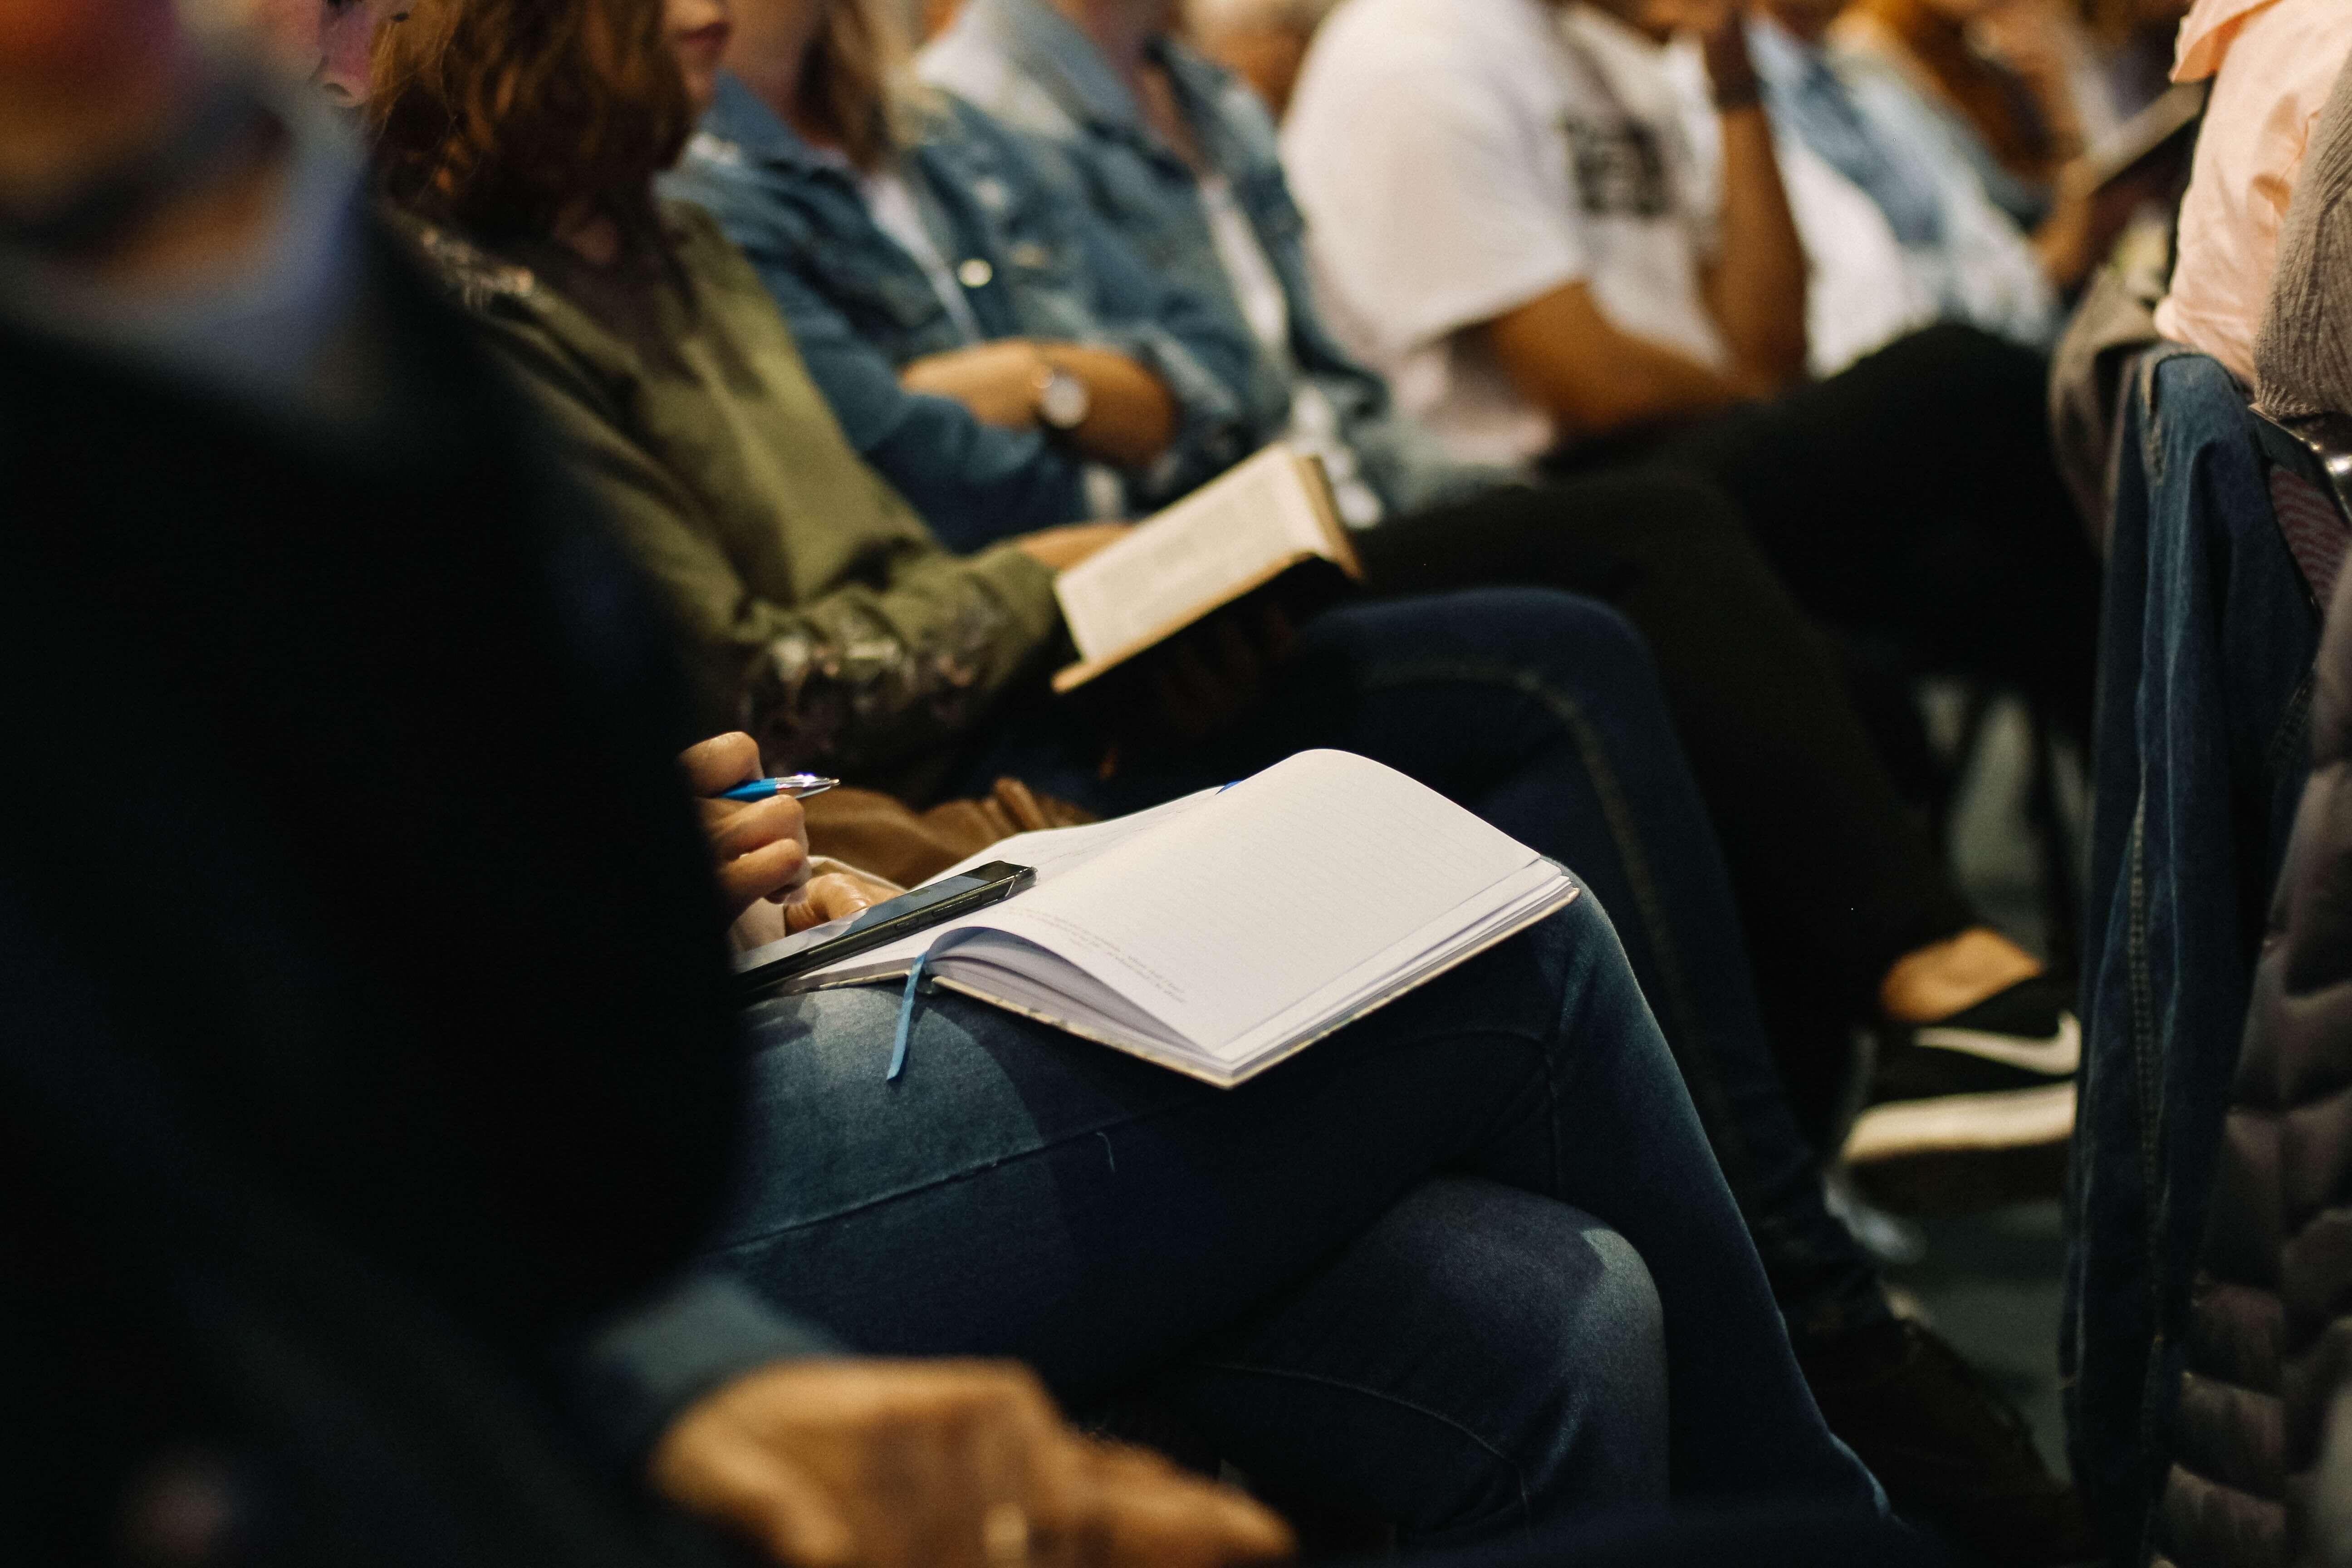 Suur nõudlus plokiahelate ekspertide järele: välismaa ülikoolid avavad kursusi